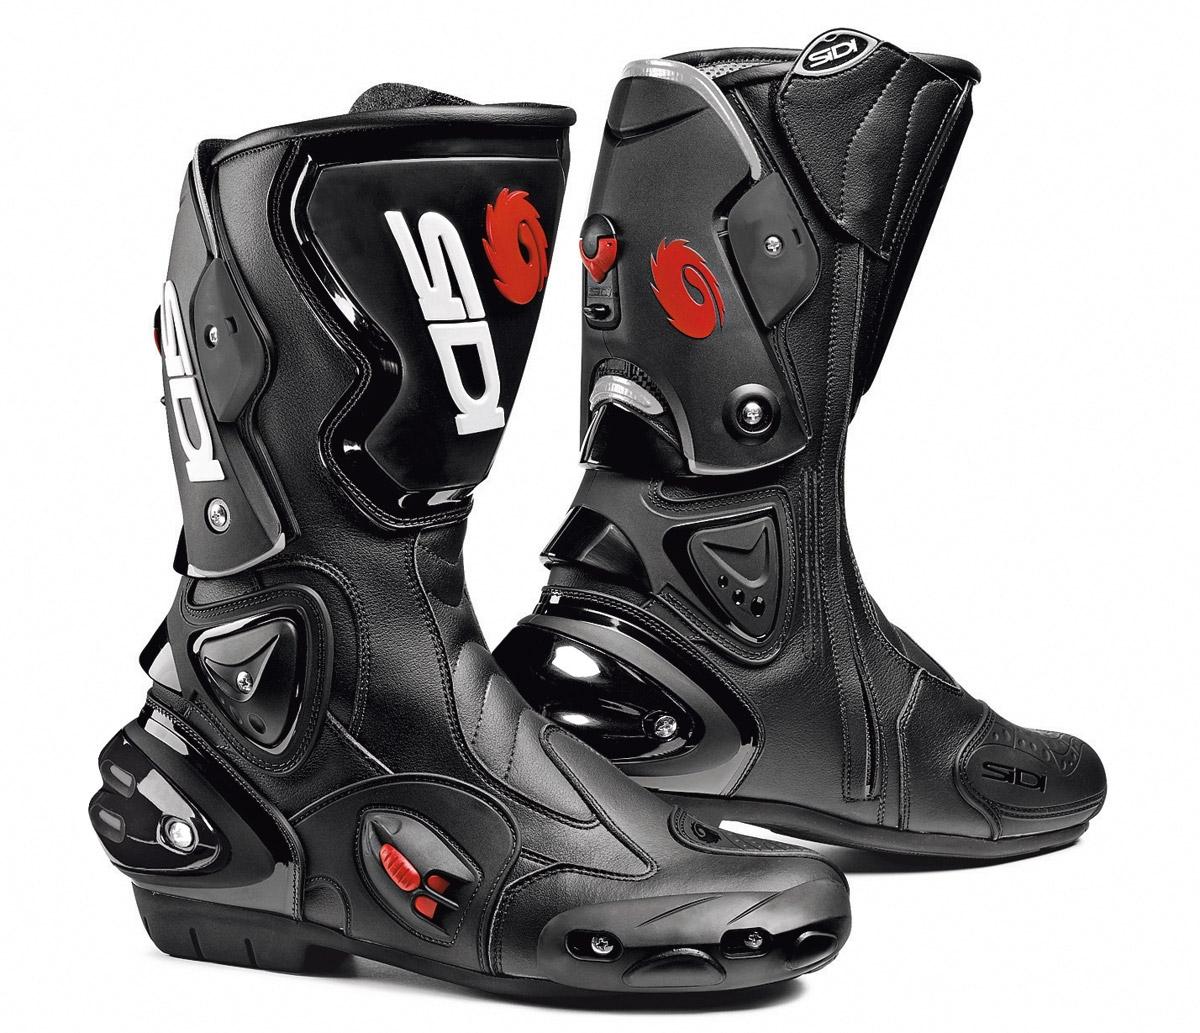 Boty na motorku · Silniční. Sidi Vertigo. Sidi Vertigo 5a581ae13b